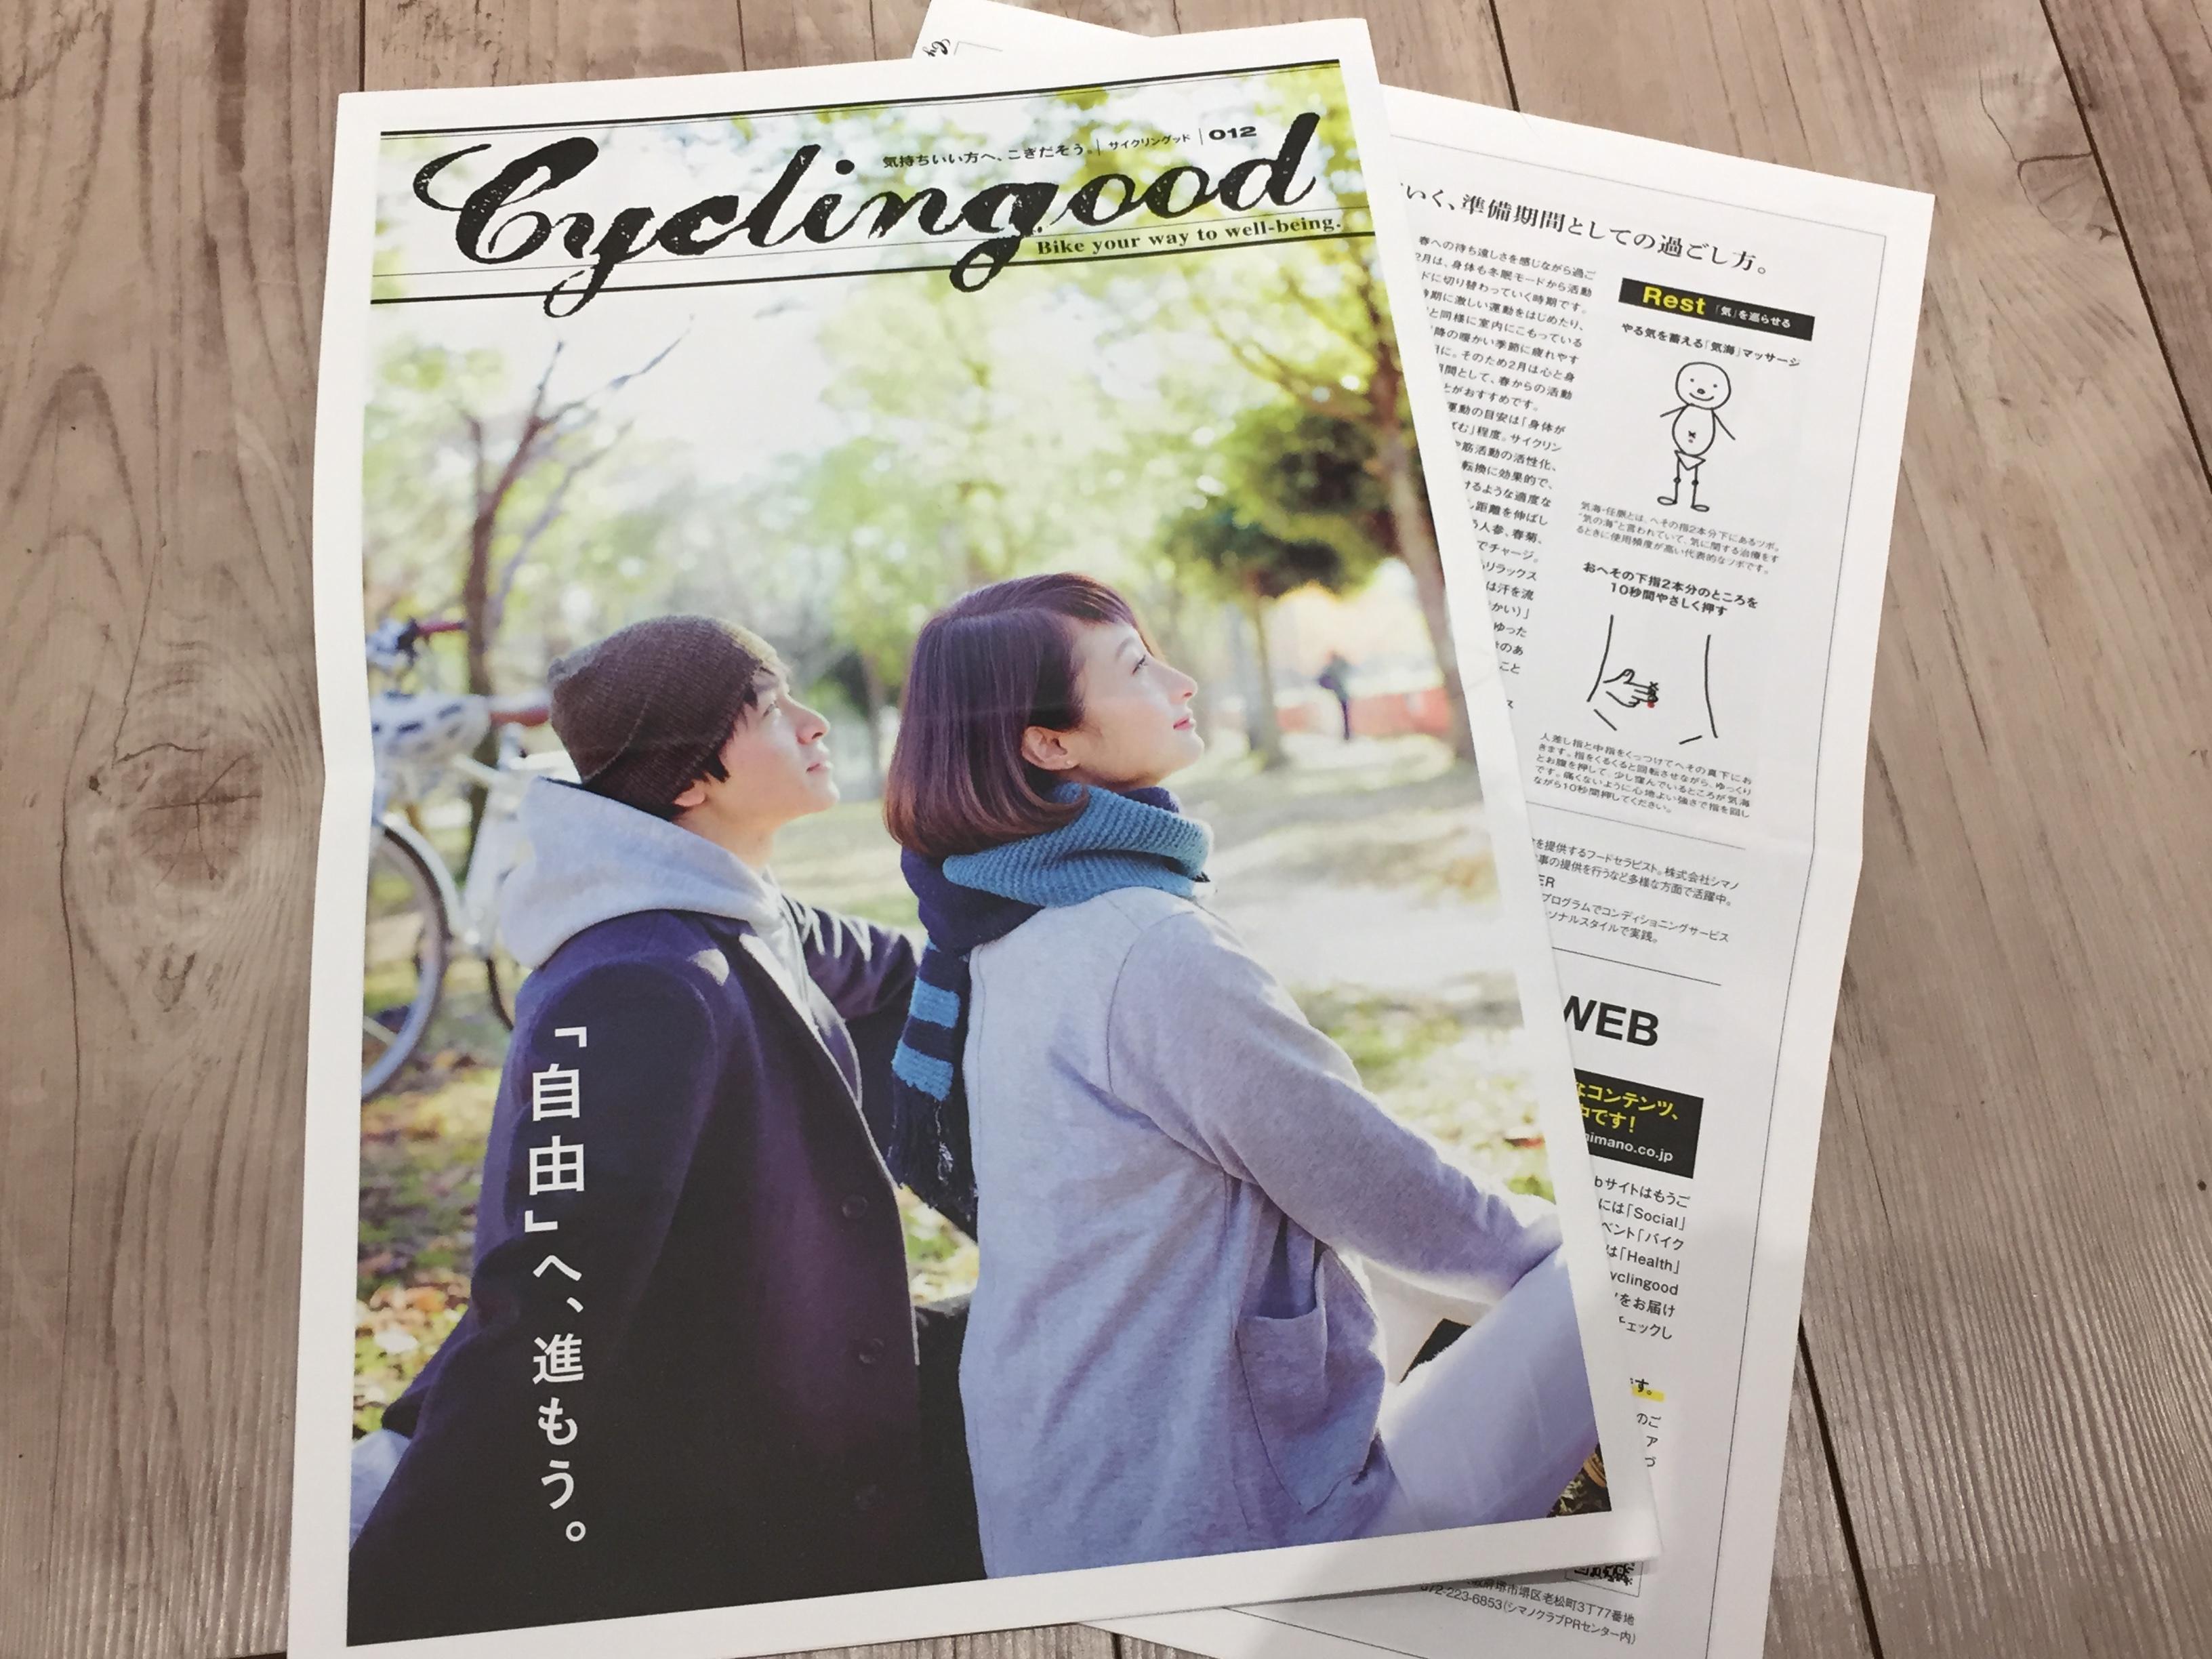 広尾 コンディショニング サイクリングッド Cyclingood shimano 自転車 初心者 クロスバイク ロードレーサー